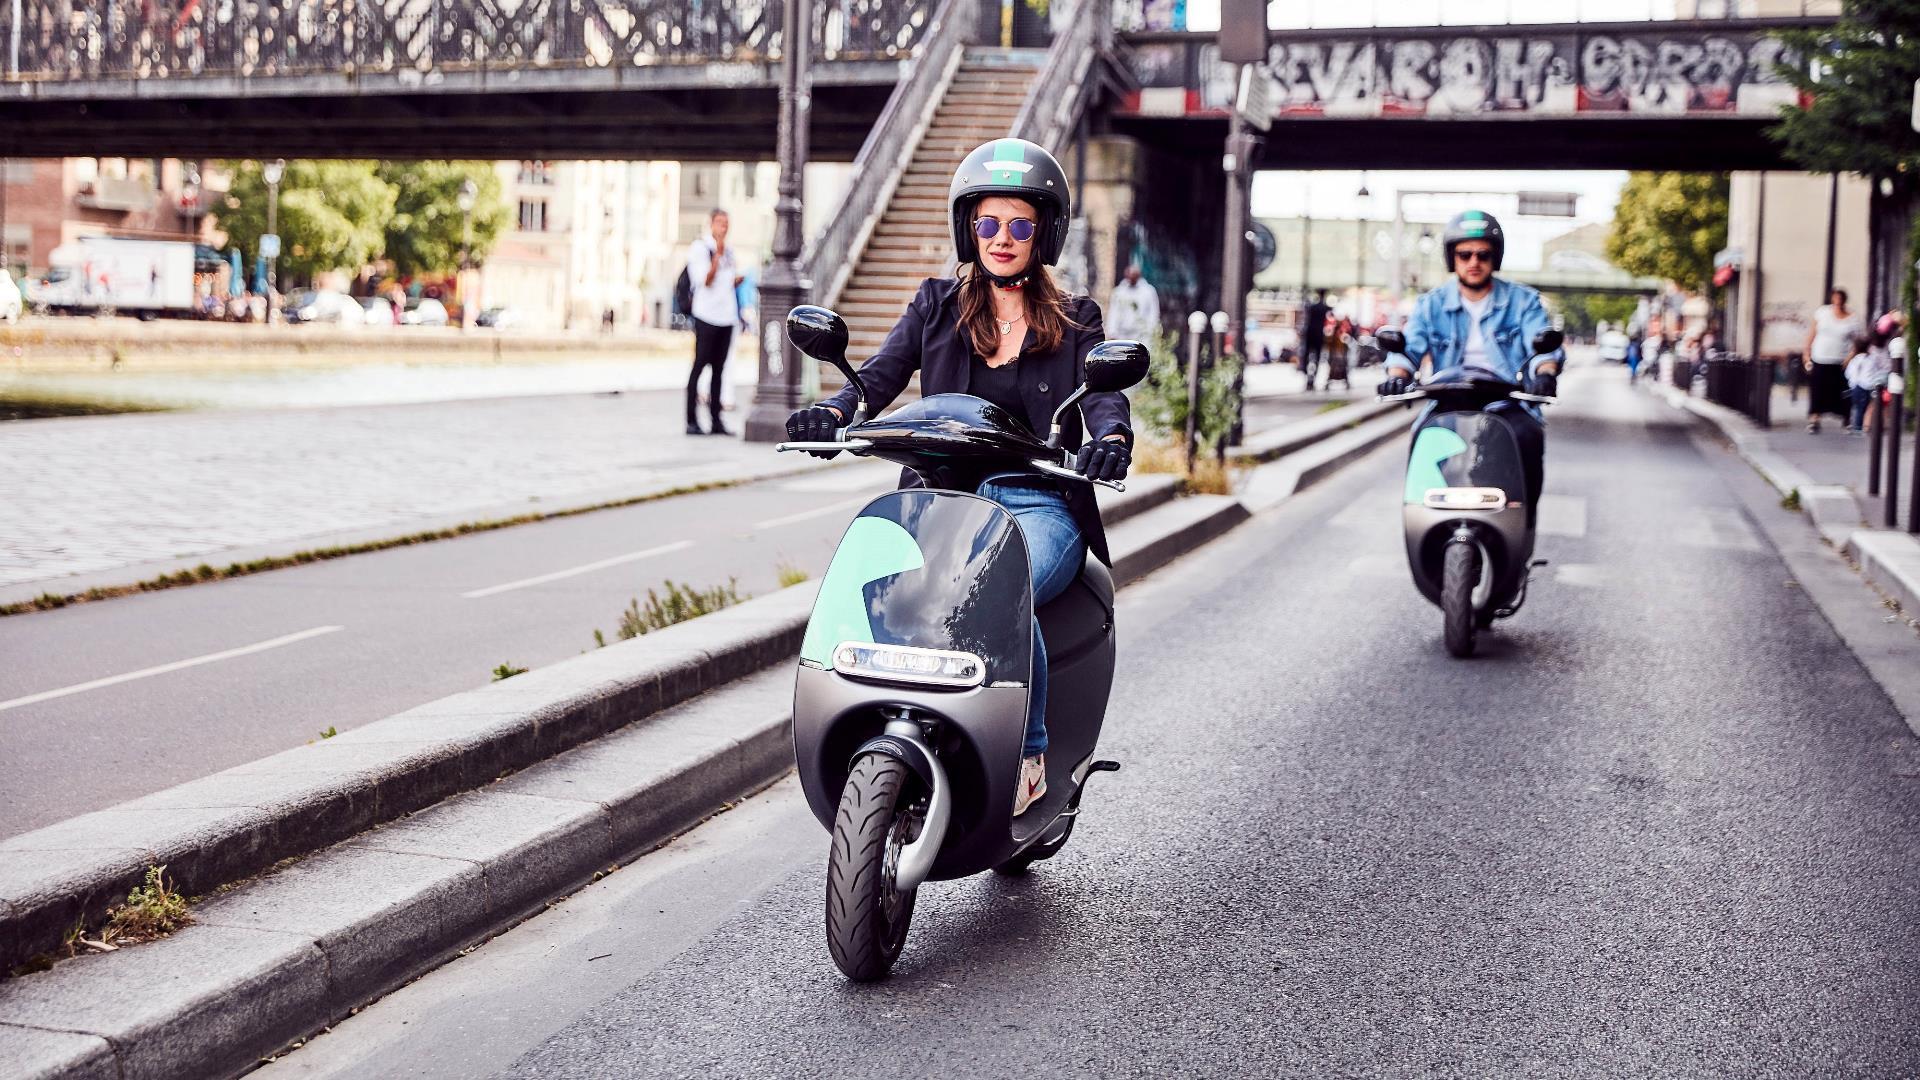 París presenta 600 nuevos scooters eléctricos (ideales para turistas)